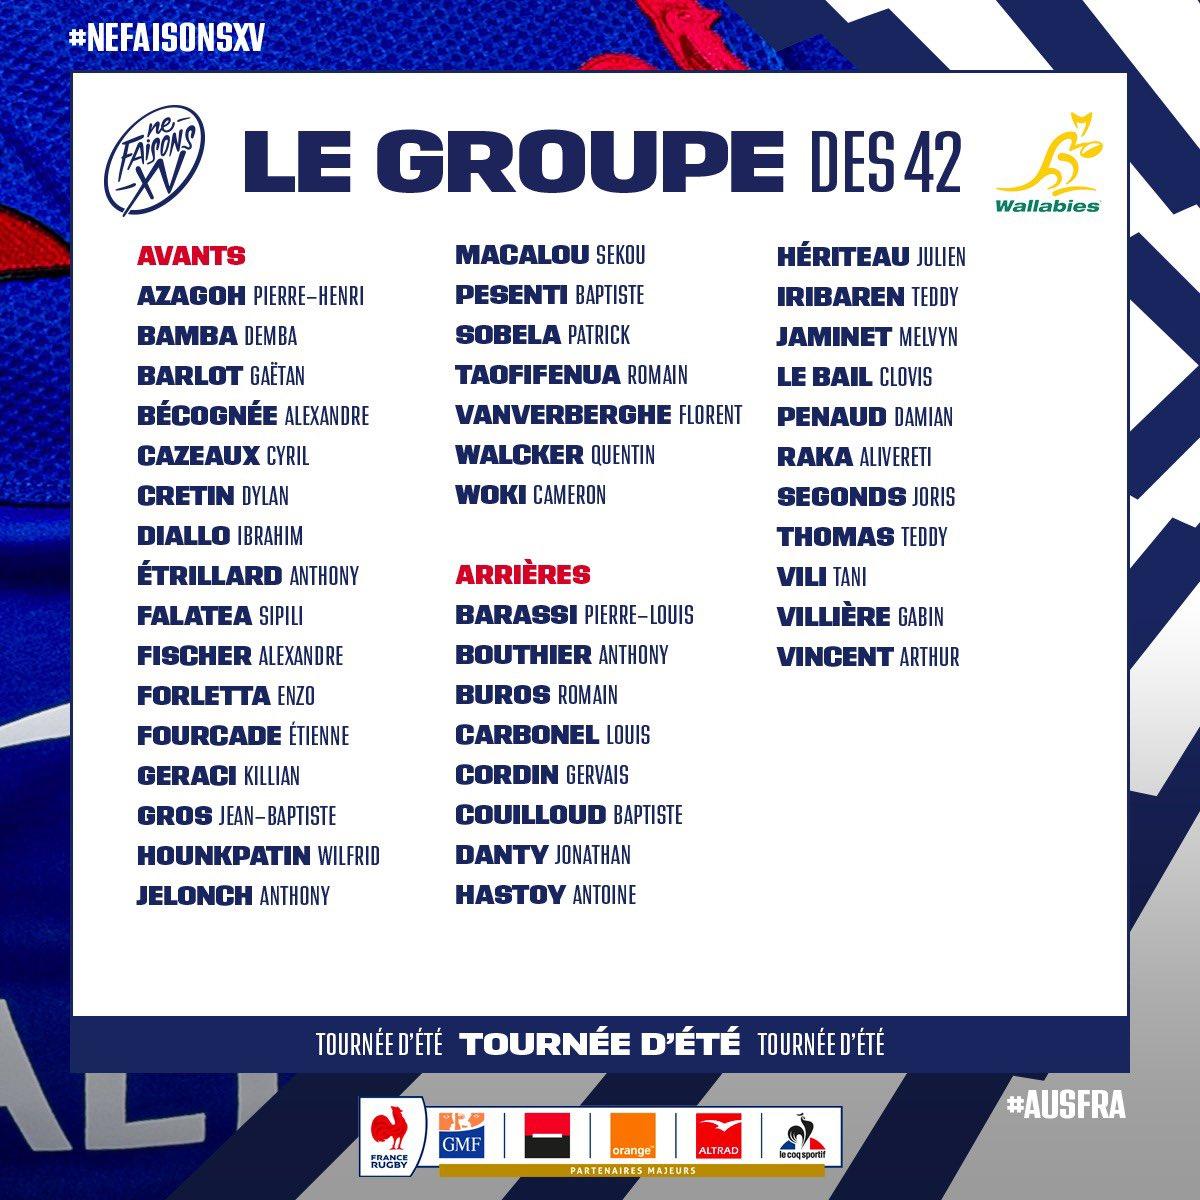 フランス代表42人vsワラビーズ